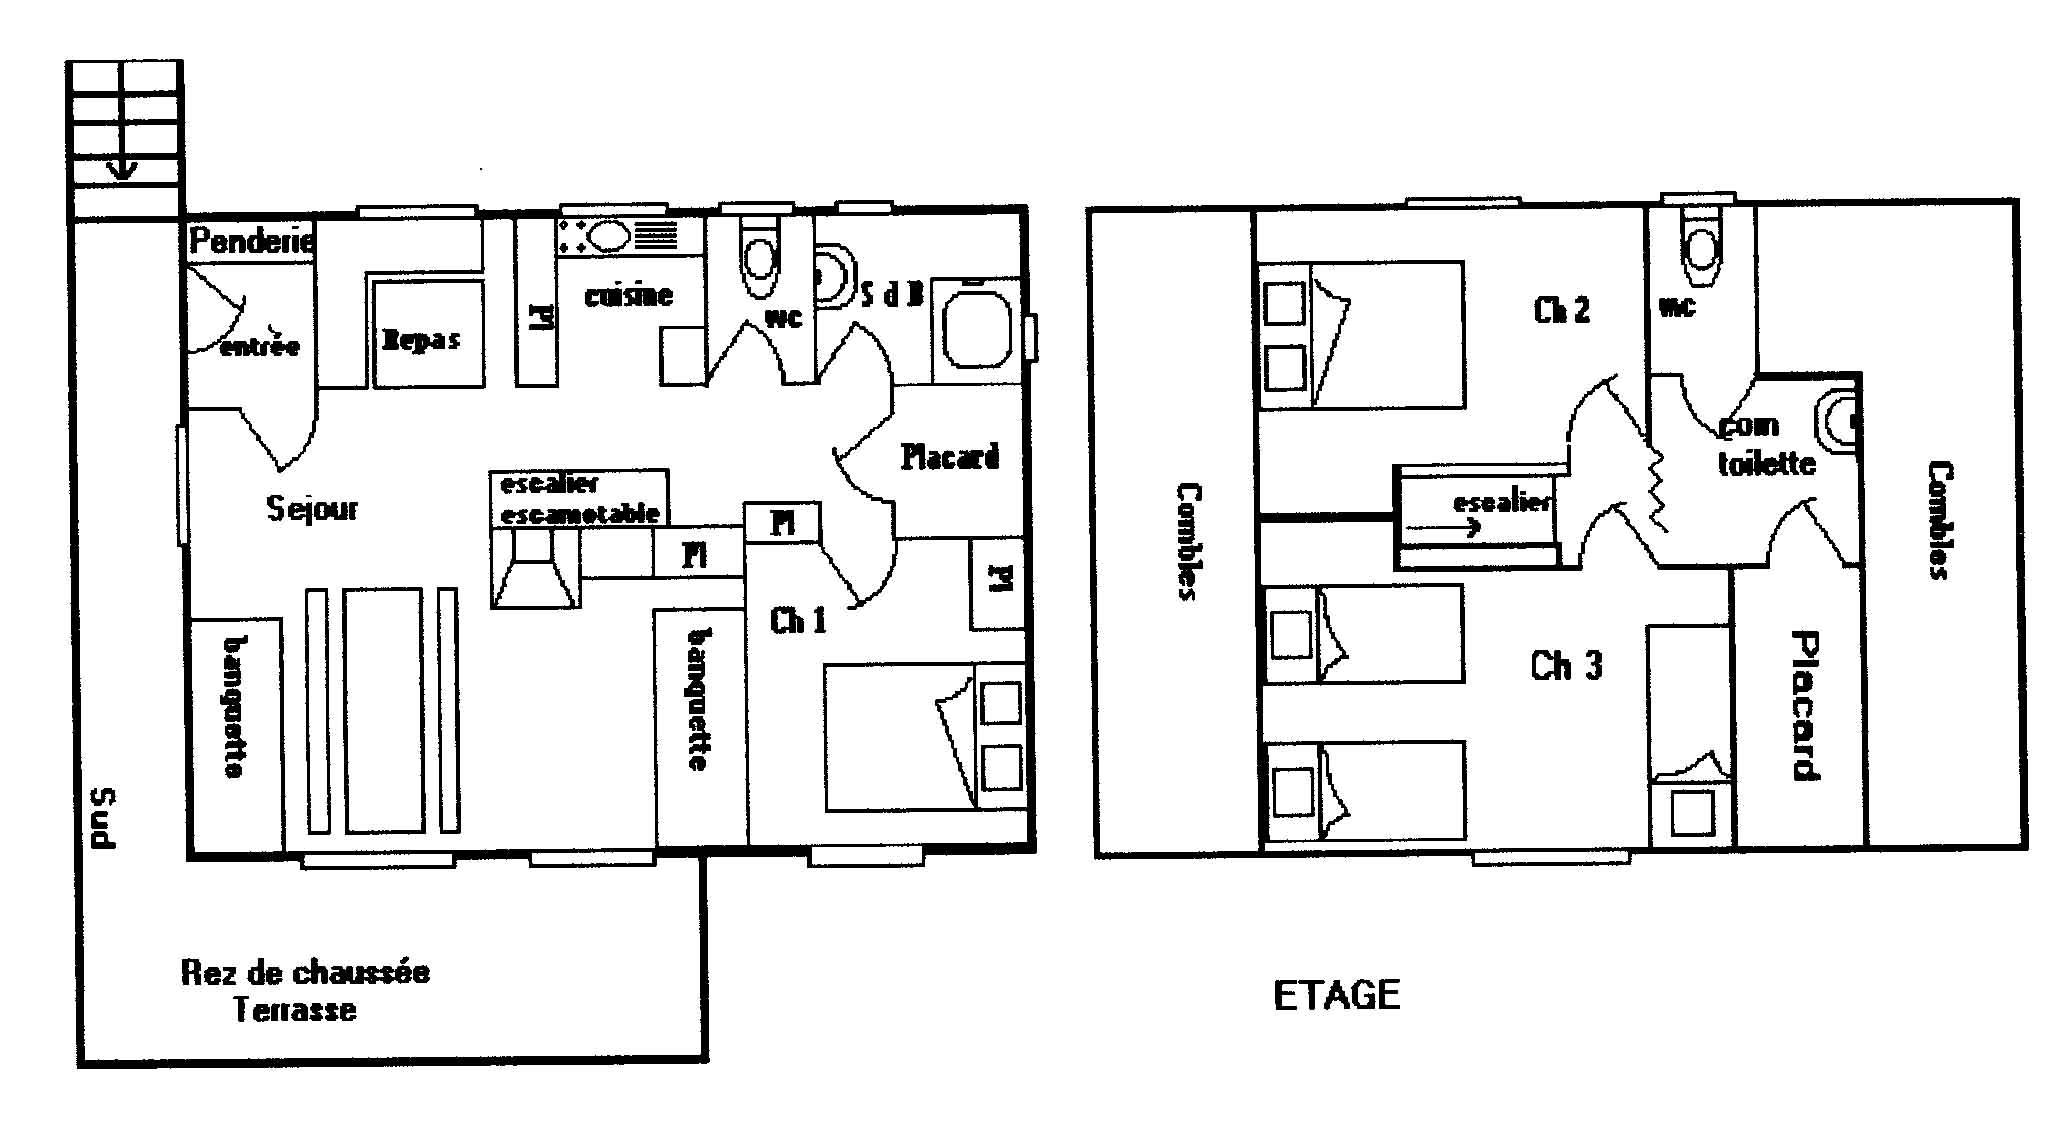 Maison chalet le revard bauges chalet 6 7 pers 80m2 for Plan maison 80m2